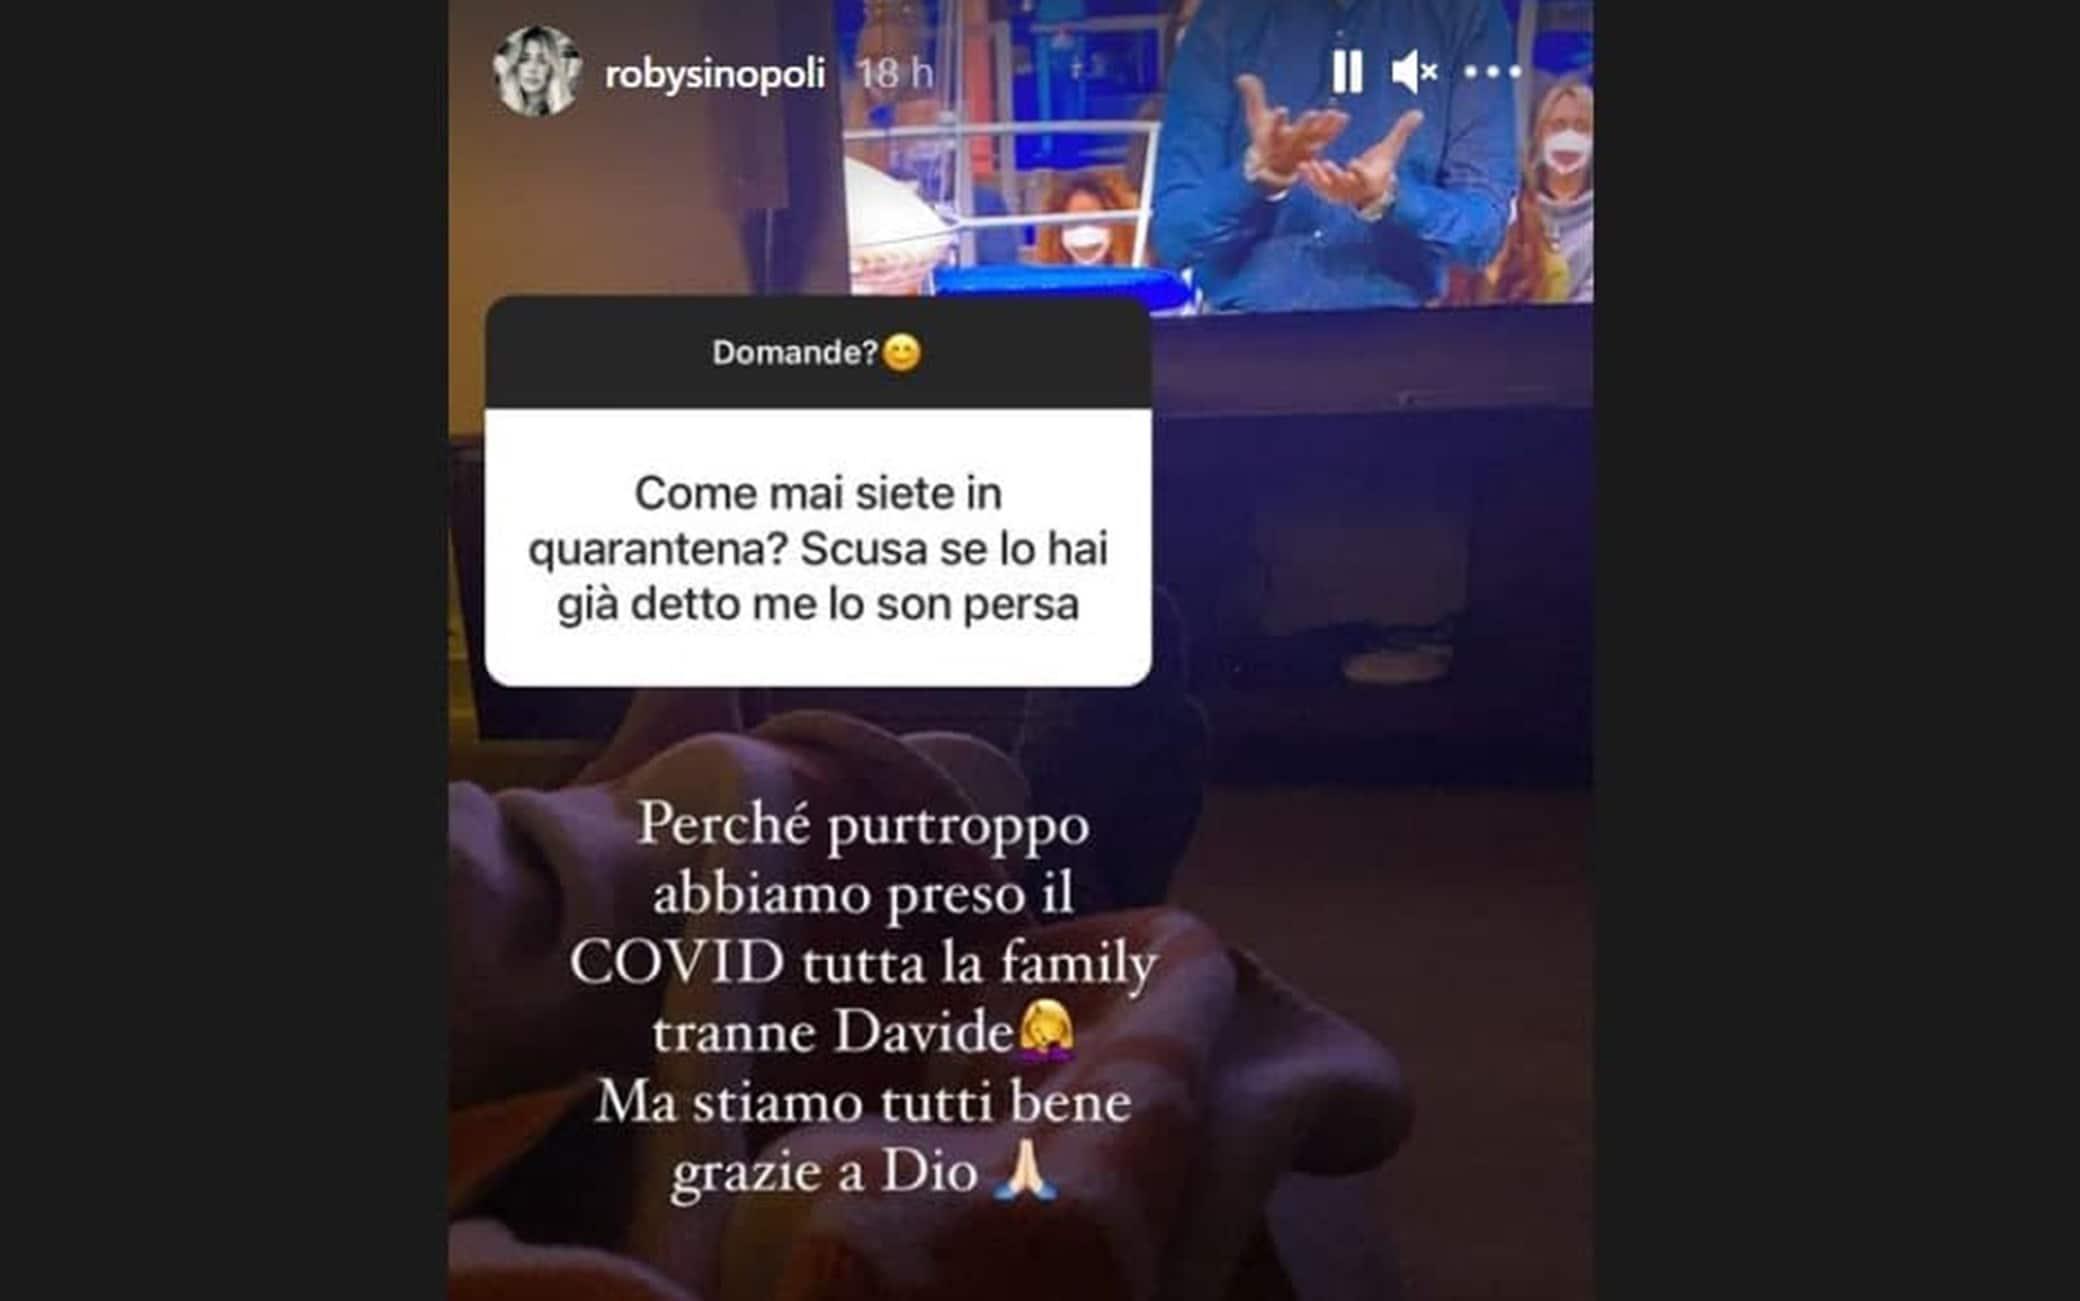 La storia Instagram in cui Roberta Sinopoli annuncia la positività di Marchisio